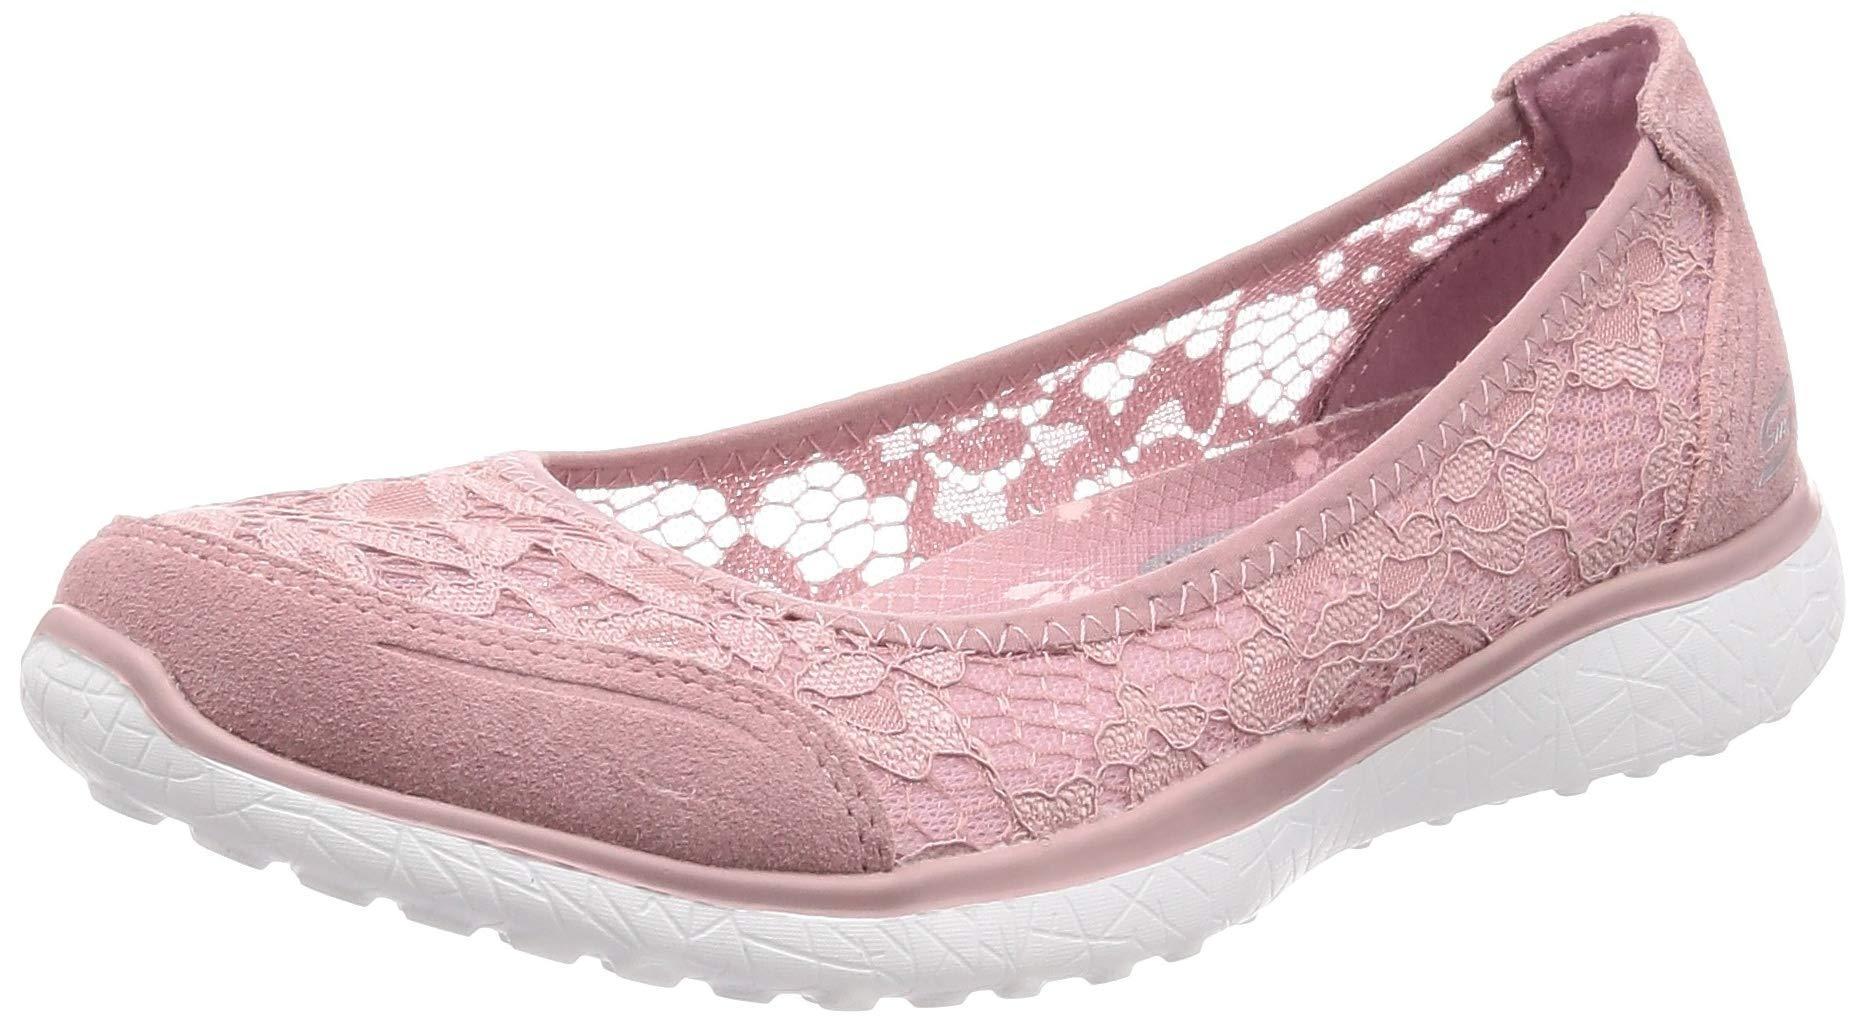 NEW SKECHERS Women Ballerinas Slippers Sneakers MICROBURST SWEET BLOOM Red